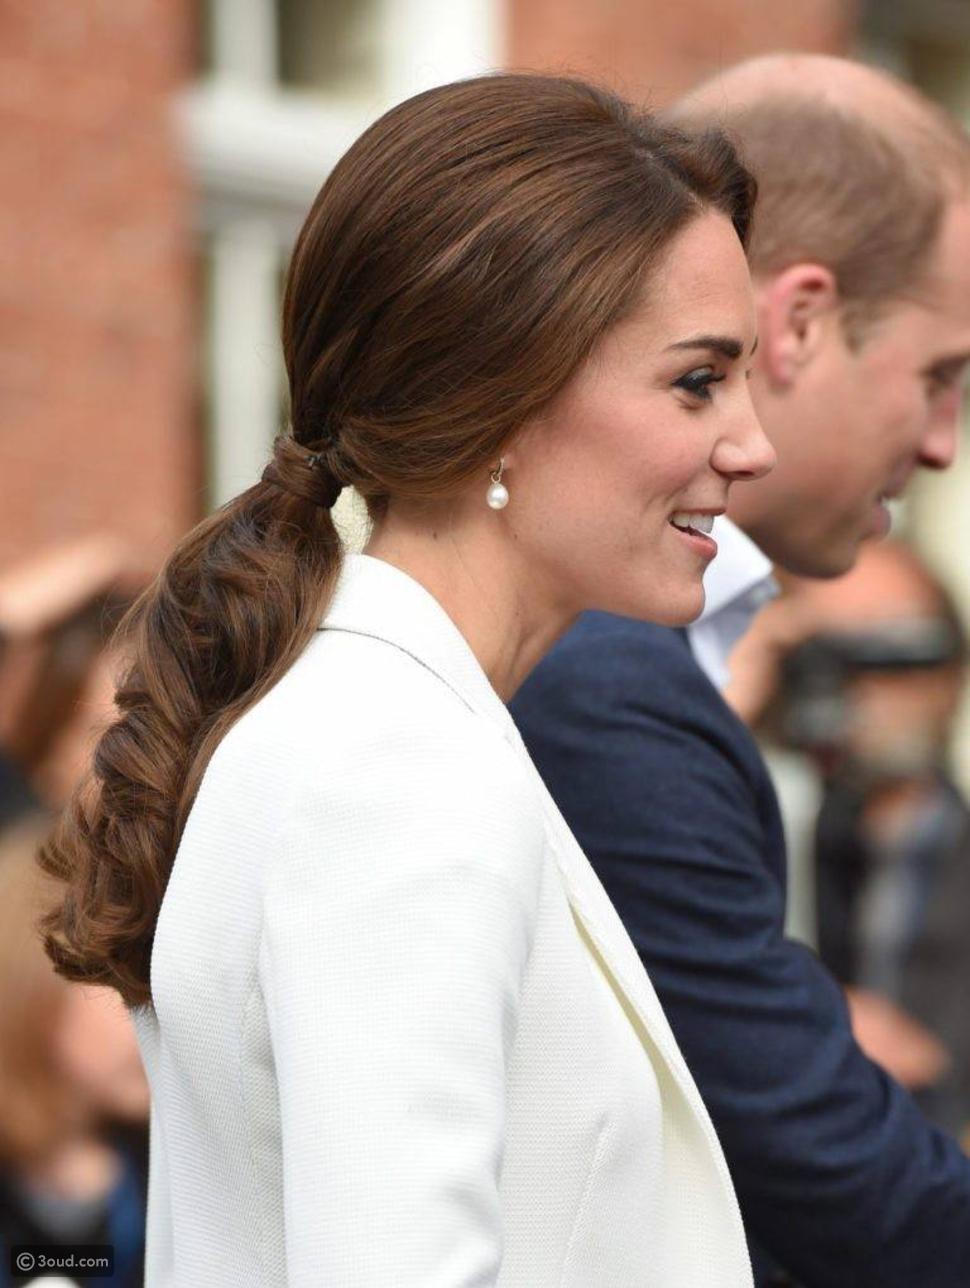 تسريحات شعر محظورة على كيت ميدلتون وبقية سيدات العائلة الملكية